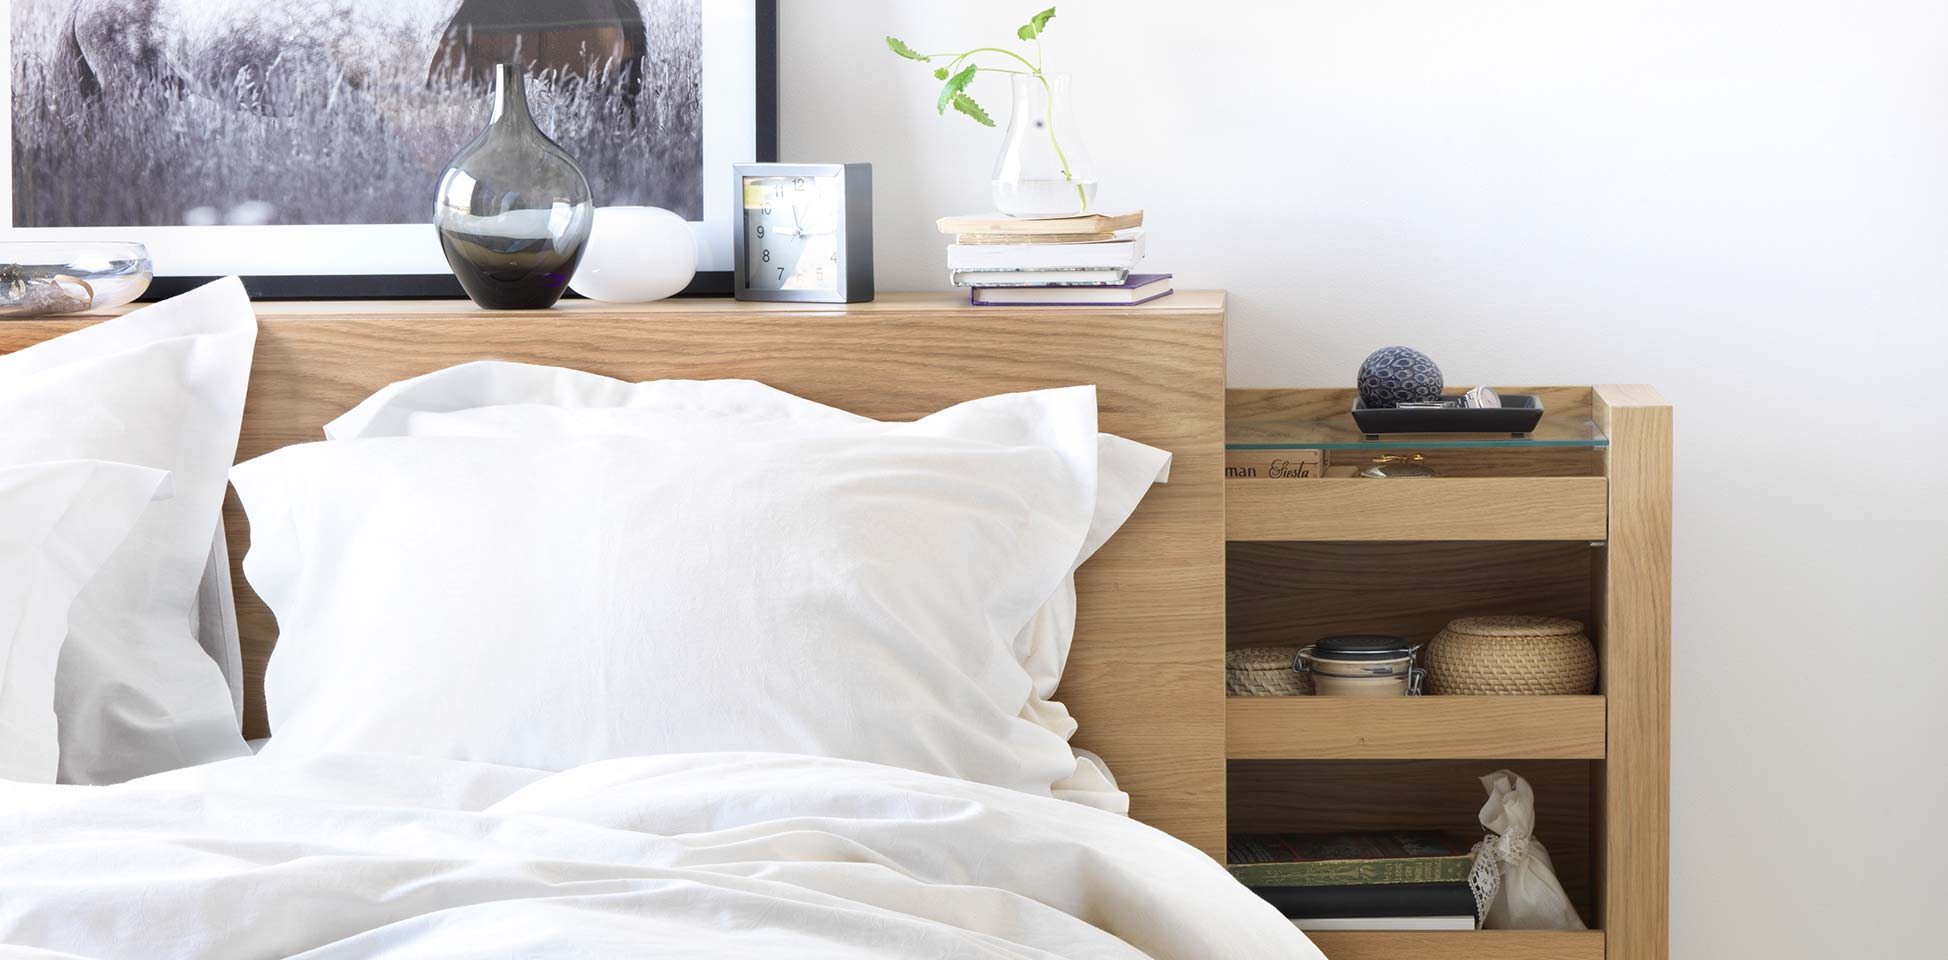 8 ideas de cabeceros de cama modernos y sencillos - Alcampo muebles dormitorio ...